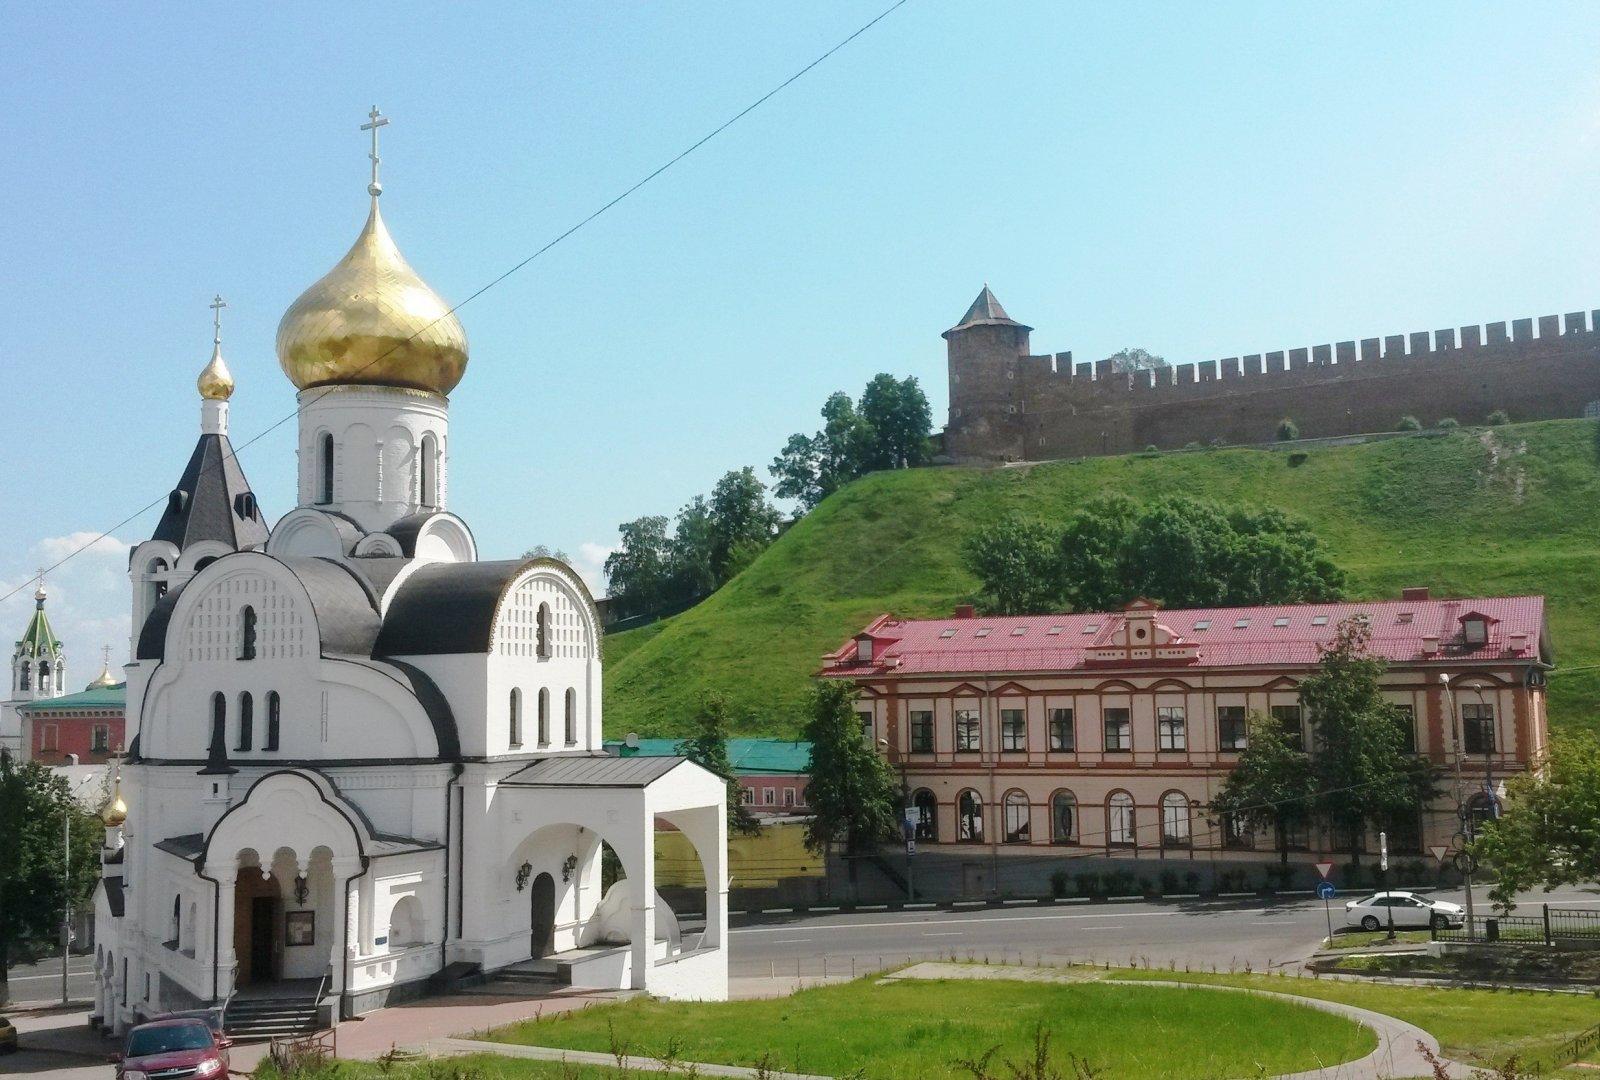 Обзорная экскурсия по Нижнему Новгороду (3 ч.)